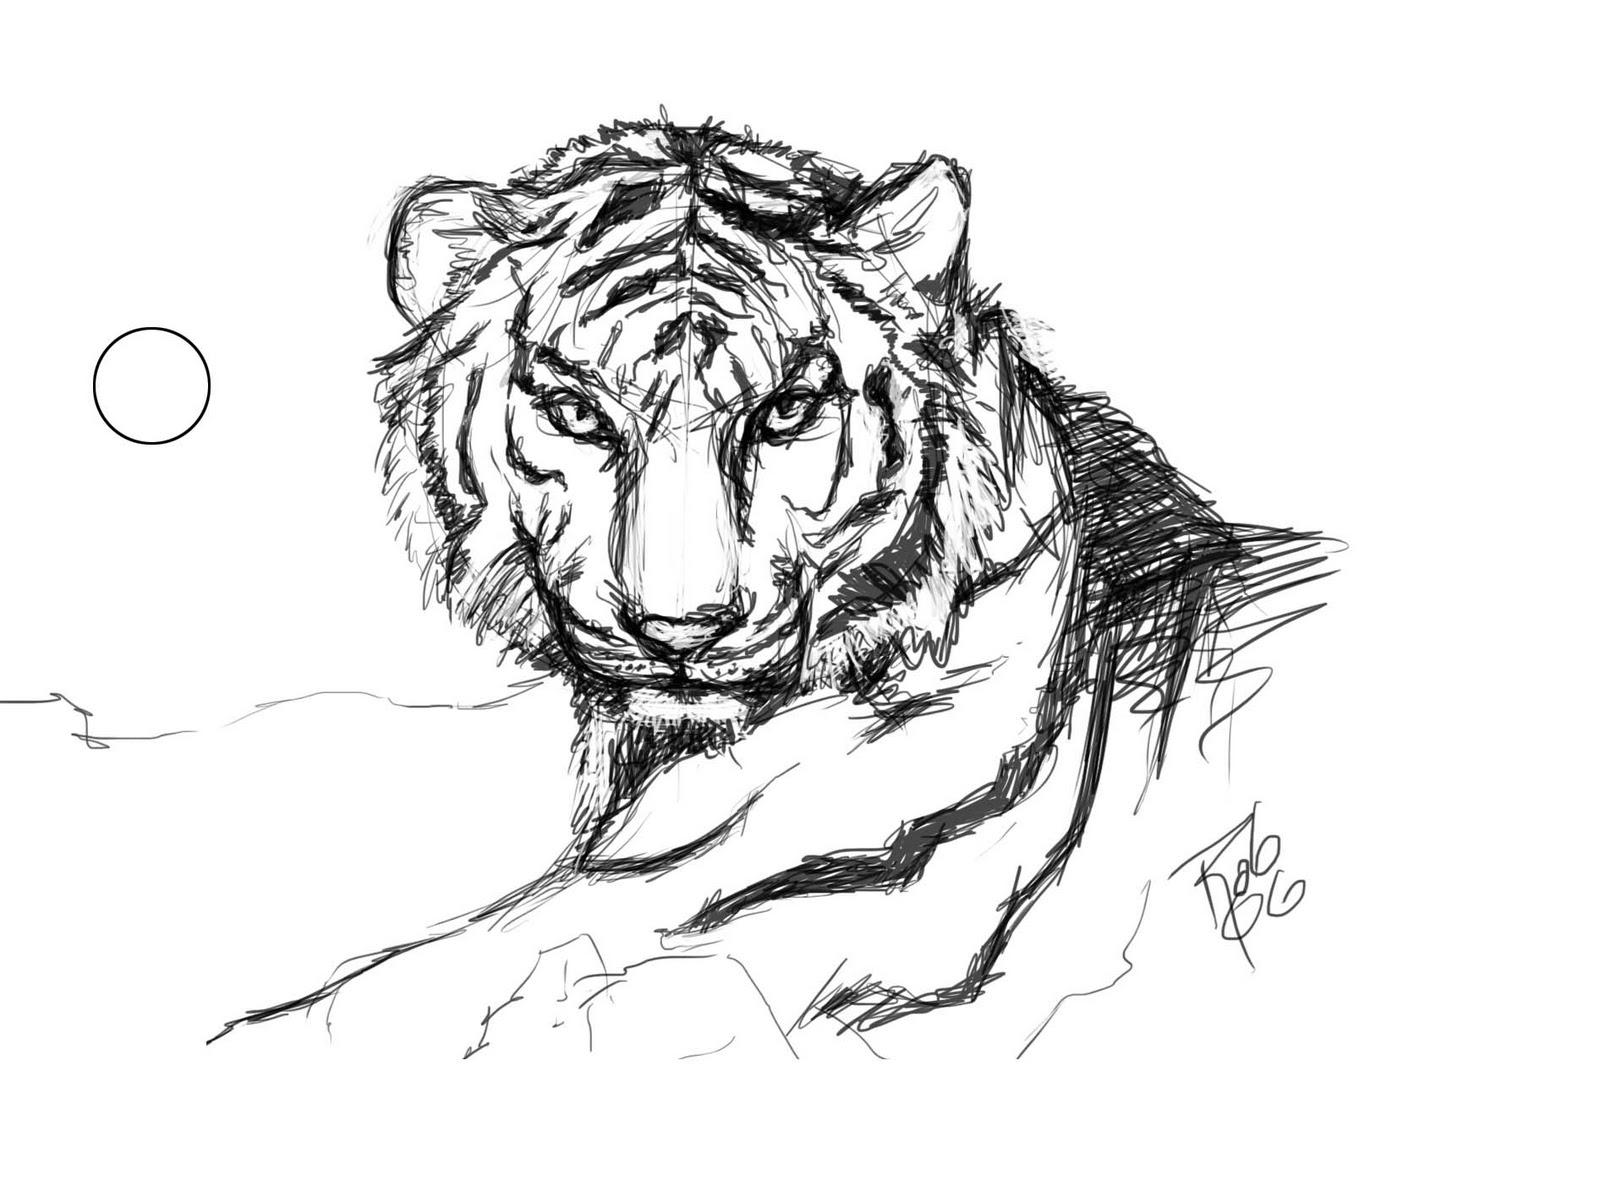 Roberto e quintero tigres for Immagini tigre da colorare